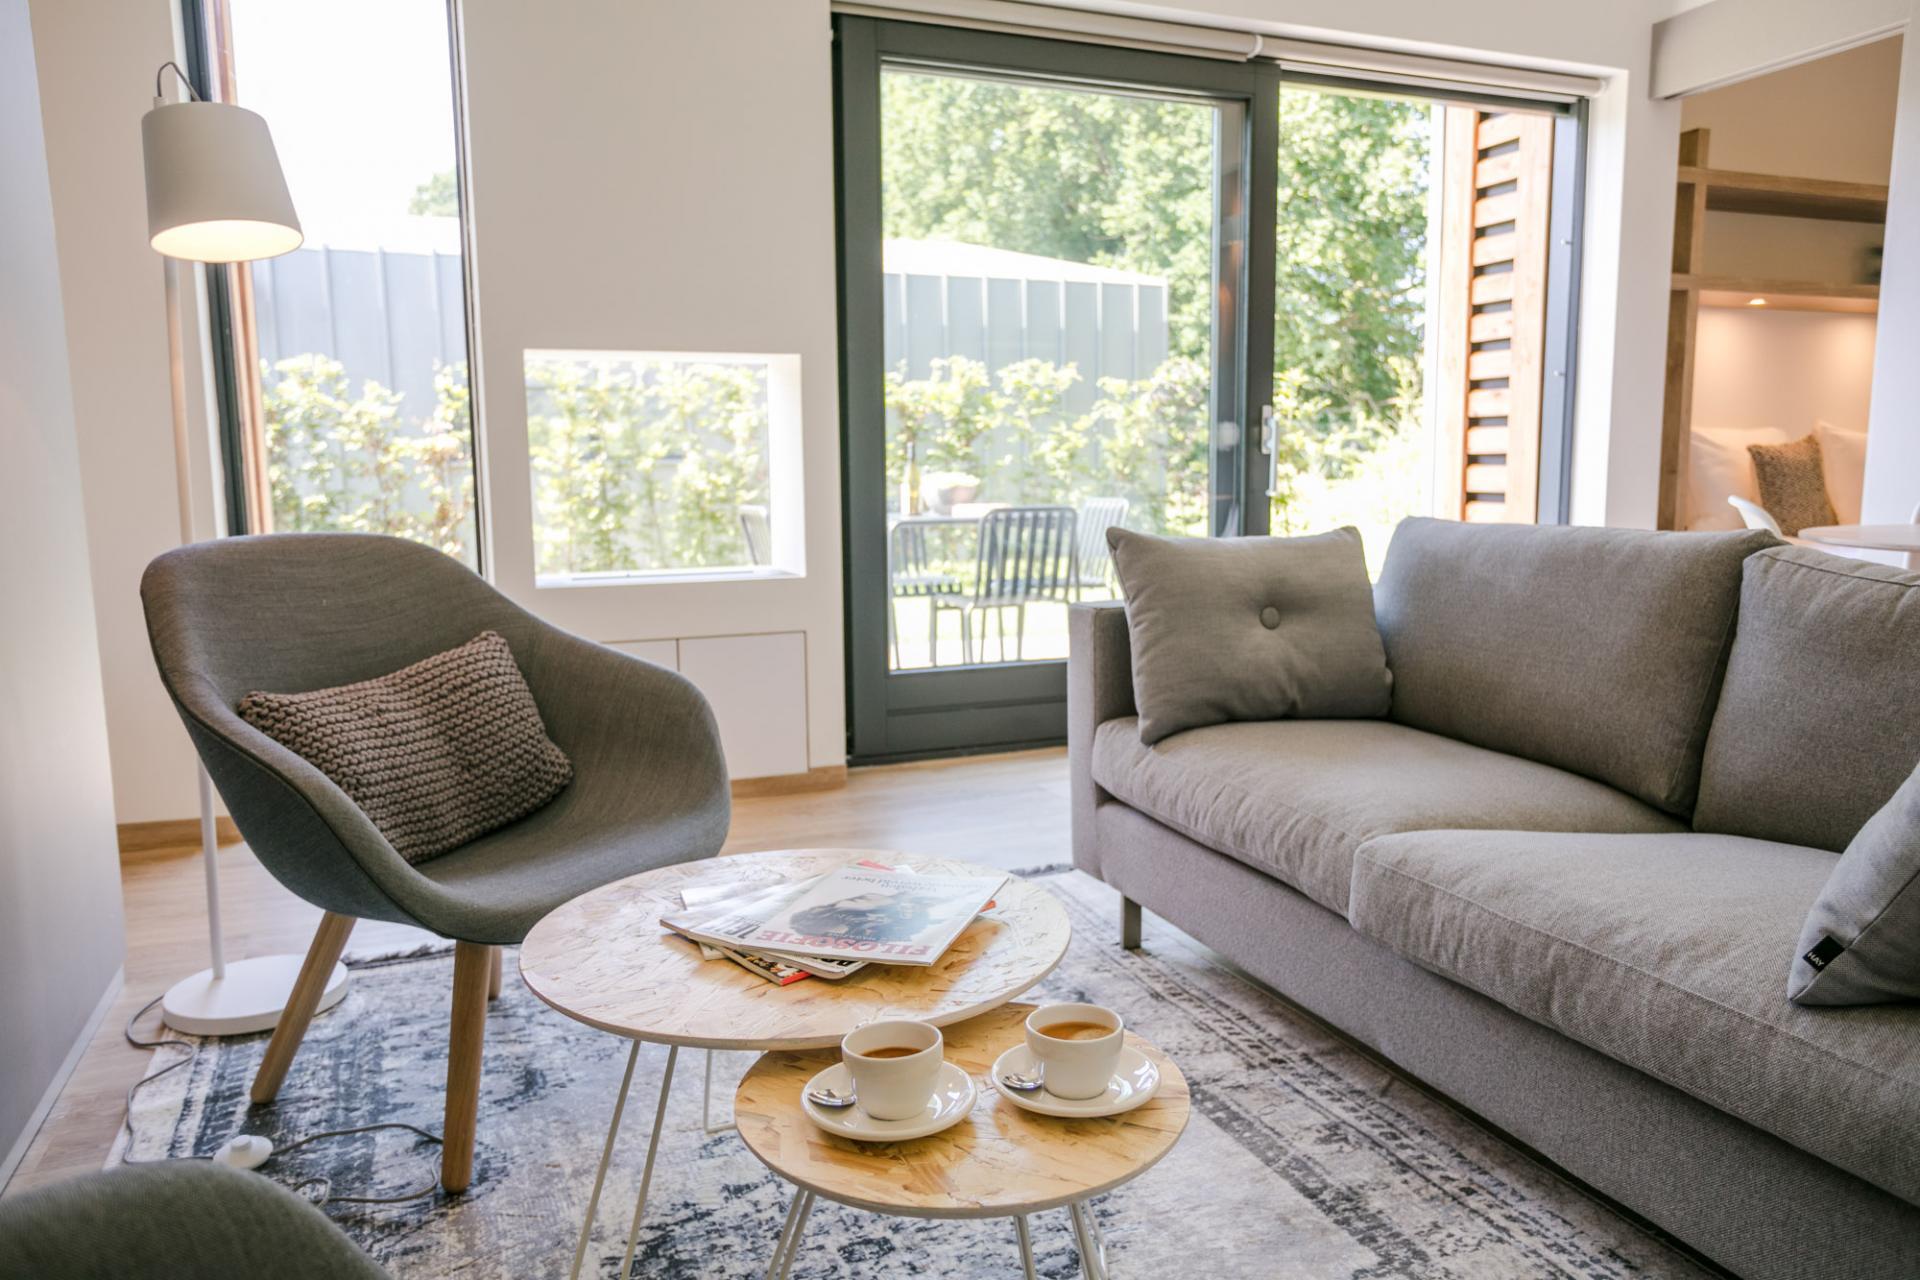 Sofa at Gooilanden Lodges